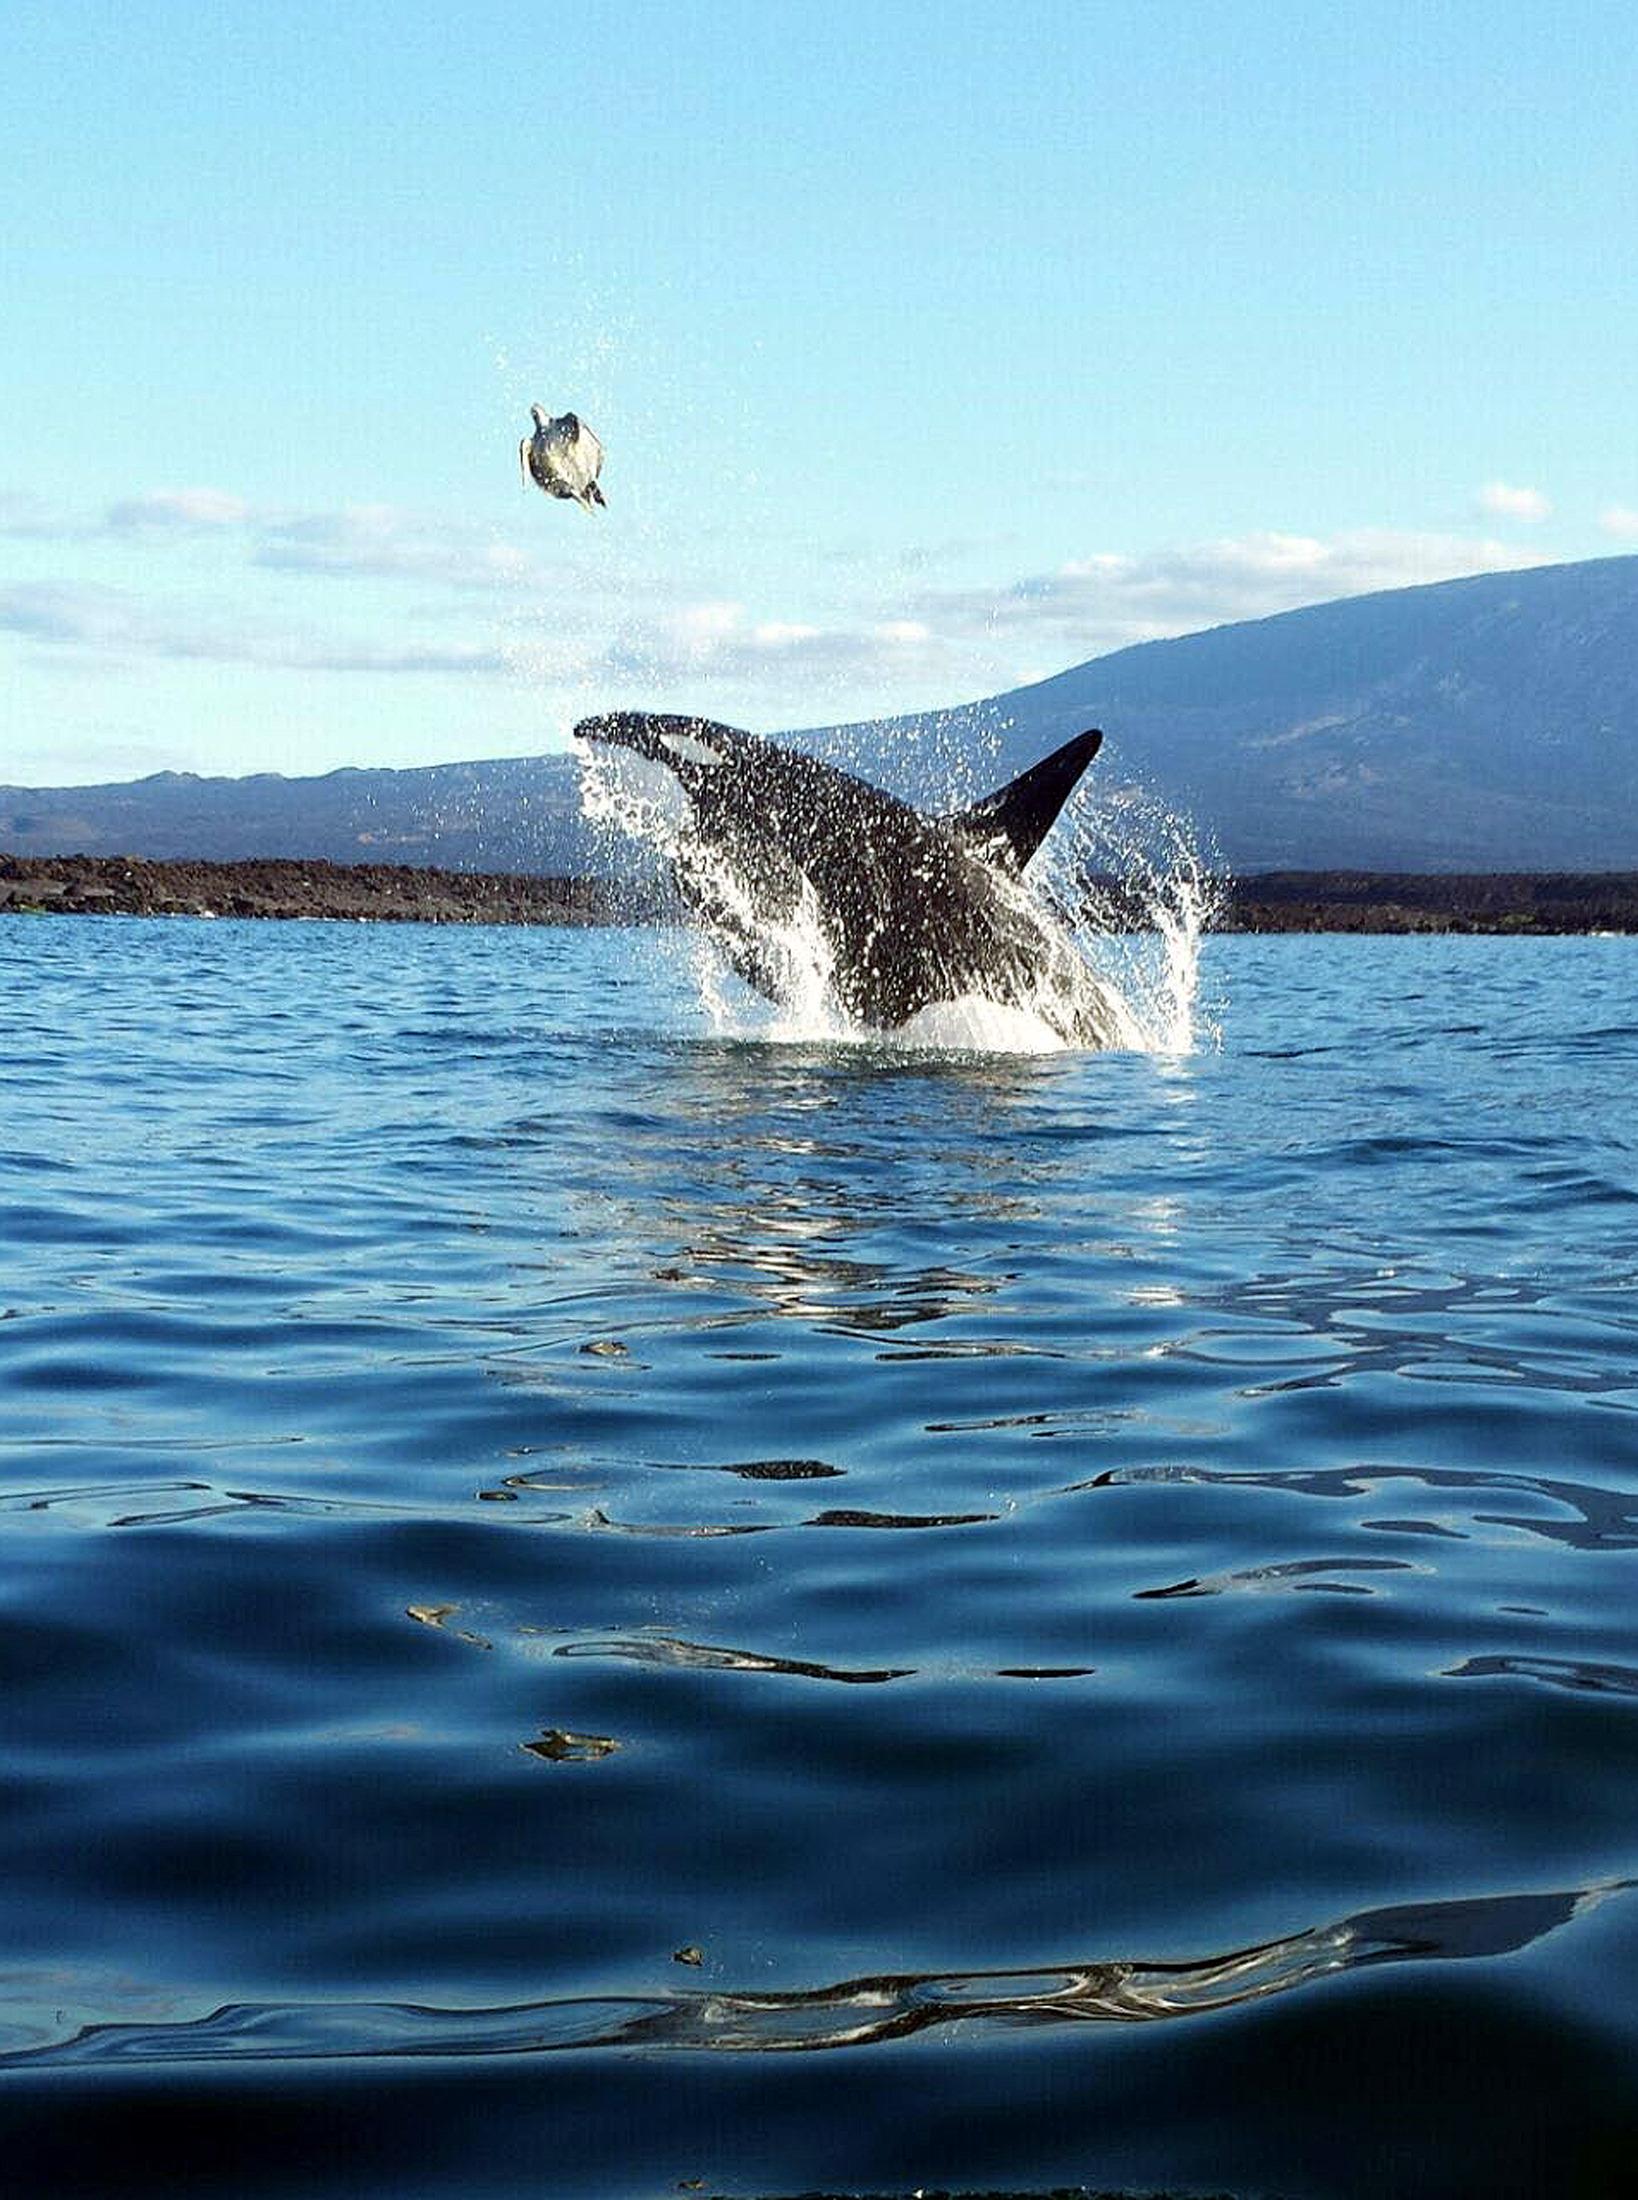 (160827) -- GALPAPAGOS, agosto 27, 2016 (Xinhua) -- Imagen cedida por el Parque Nacional Galápagos de una orca cazando una tortuga en Punta Espinosa, en la Isla Fernandina, en las Islas Galápagos, Ecuador, el 27 de agosto de 2016. De acuerdo con autoridades ambientales de Ecuador, en la Reserva Marina de Galápagos se registra continuamente el avistamiento de varias especies de cetáceos, incluyendo las orcas, lo cual ha propiciado un interés turístico y científico por esta especie. Históricamente, las orcas han estado presentes en las aguas de las Islas Galápagos, territorio que en 1990 fue reconocido como Santuario de Ballenas. Desde entonces, la Dirección del Parque Nacional Galápagos ha implementado protocolos de buenas prácticas para la observación de las ballenas. (Xinhua/Camilo Chauca para el Parque Nacional Galápagos) (egp) (vf)